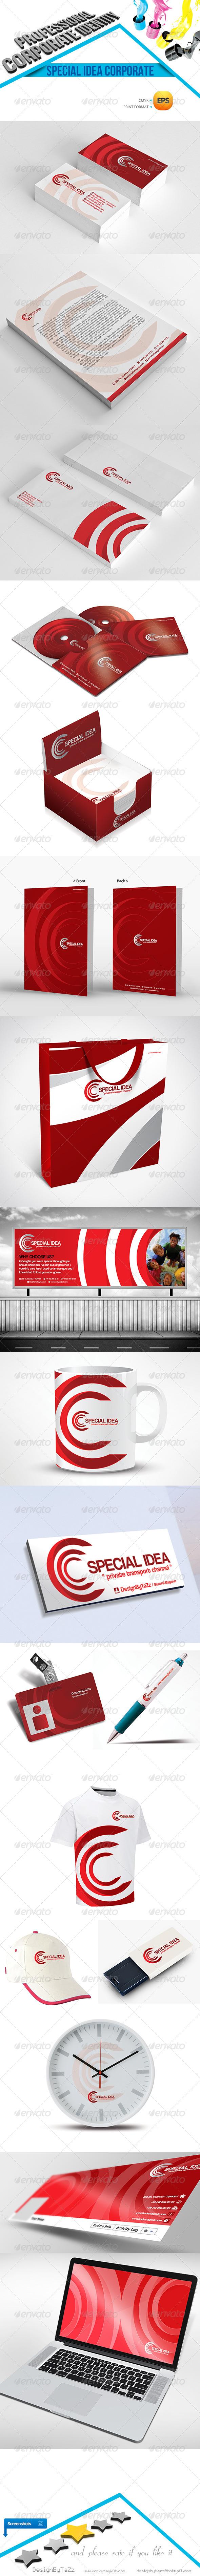 GraphicRiver Special Idea Corporate Identity 4653525